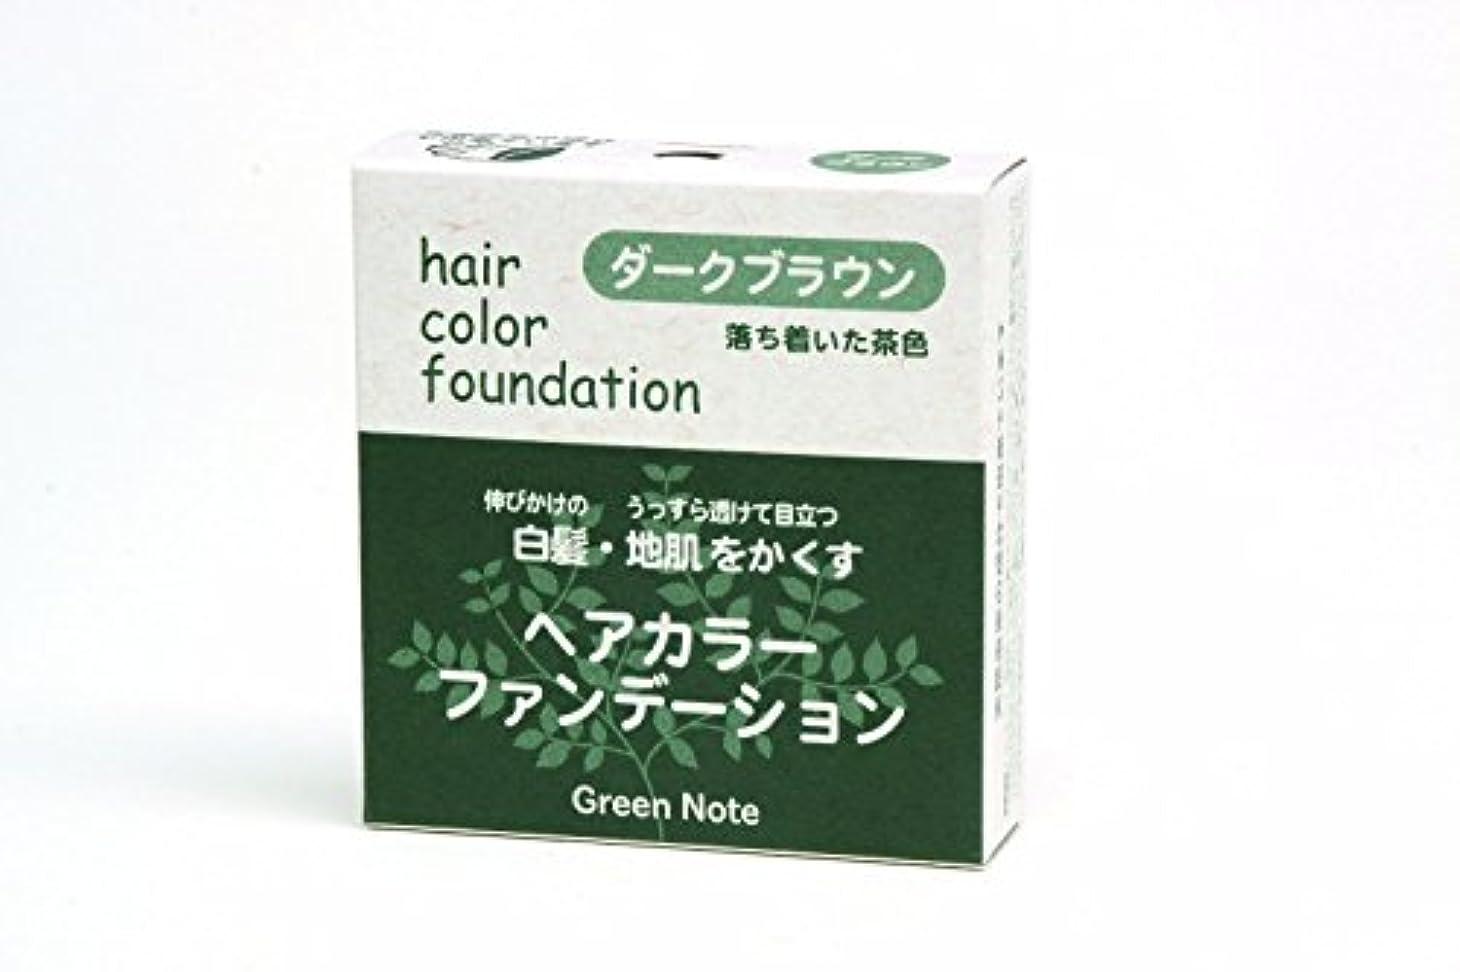 近く実用的アクチュエータ天然由来成分100%自然派の白髪隠し グリーンノート  ヘアカラーファンデーション ダークブラウン・レフィル〔詰換え用〕 12g 3セット